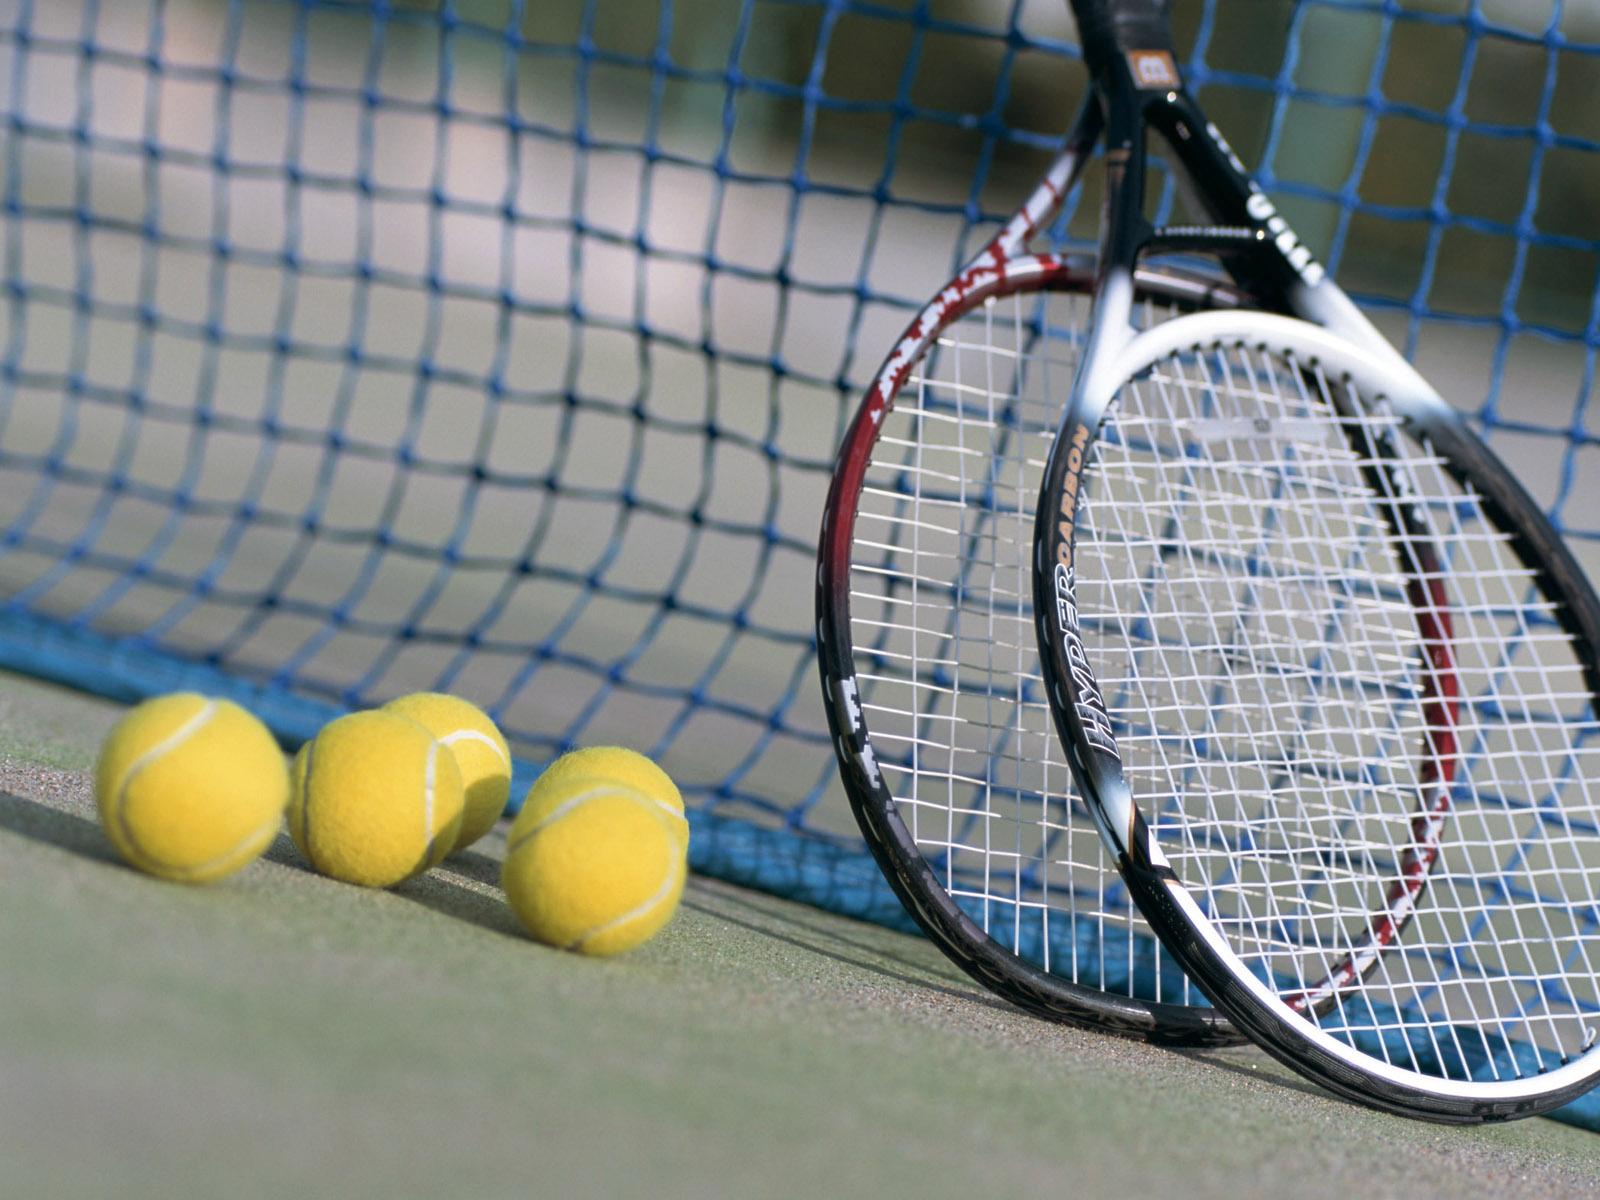 網球天堂路(二) 之我的右手沒力了